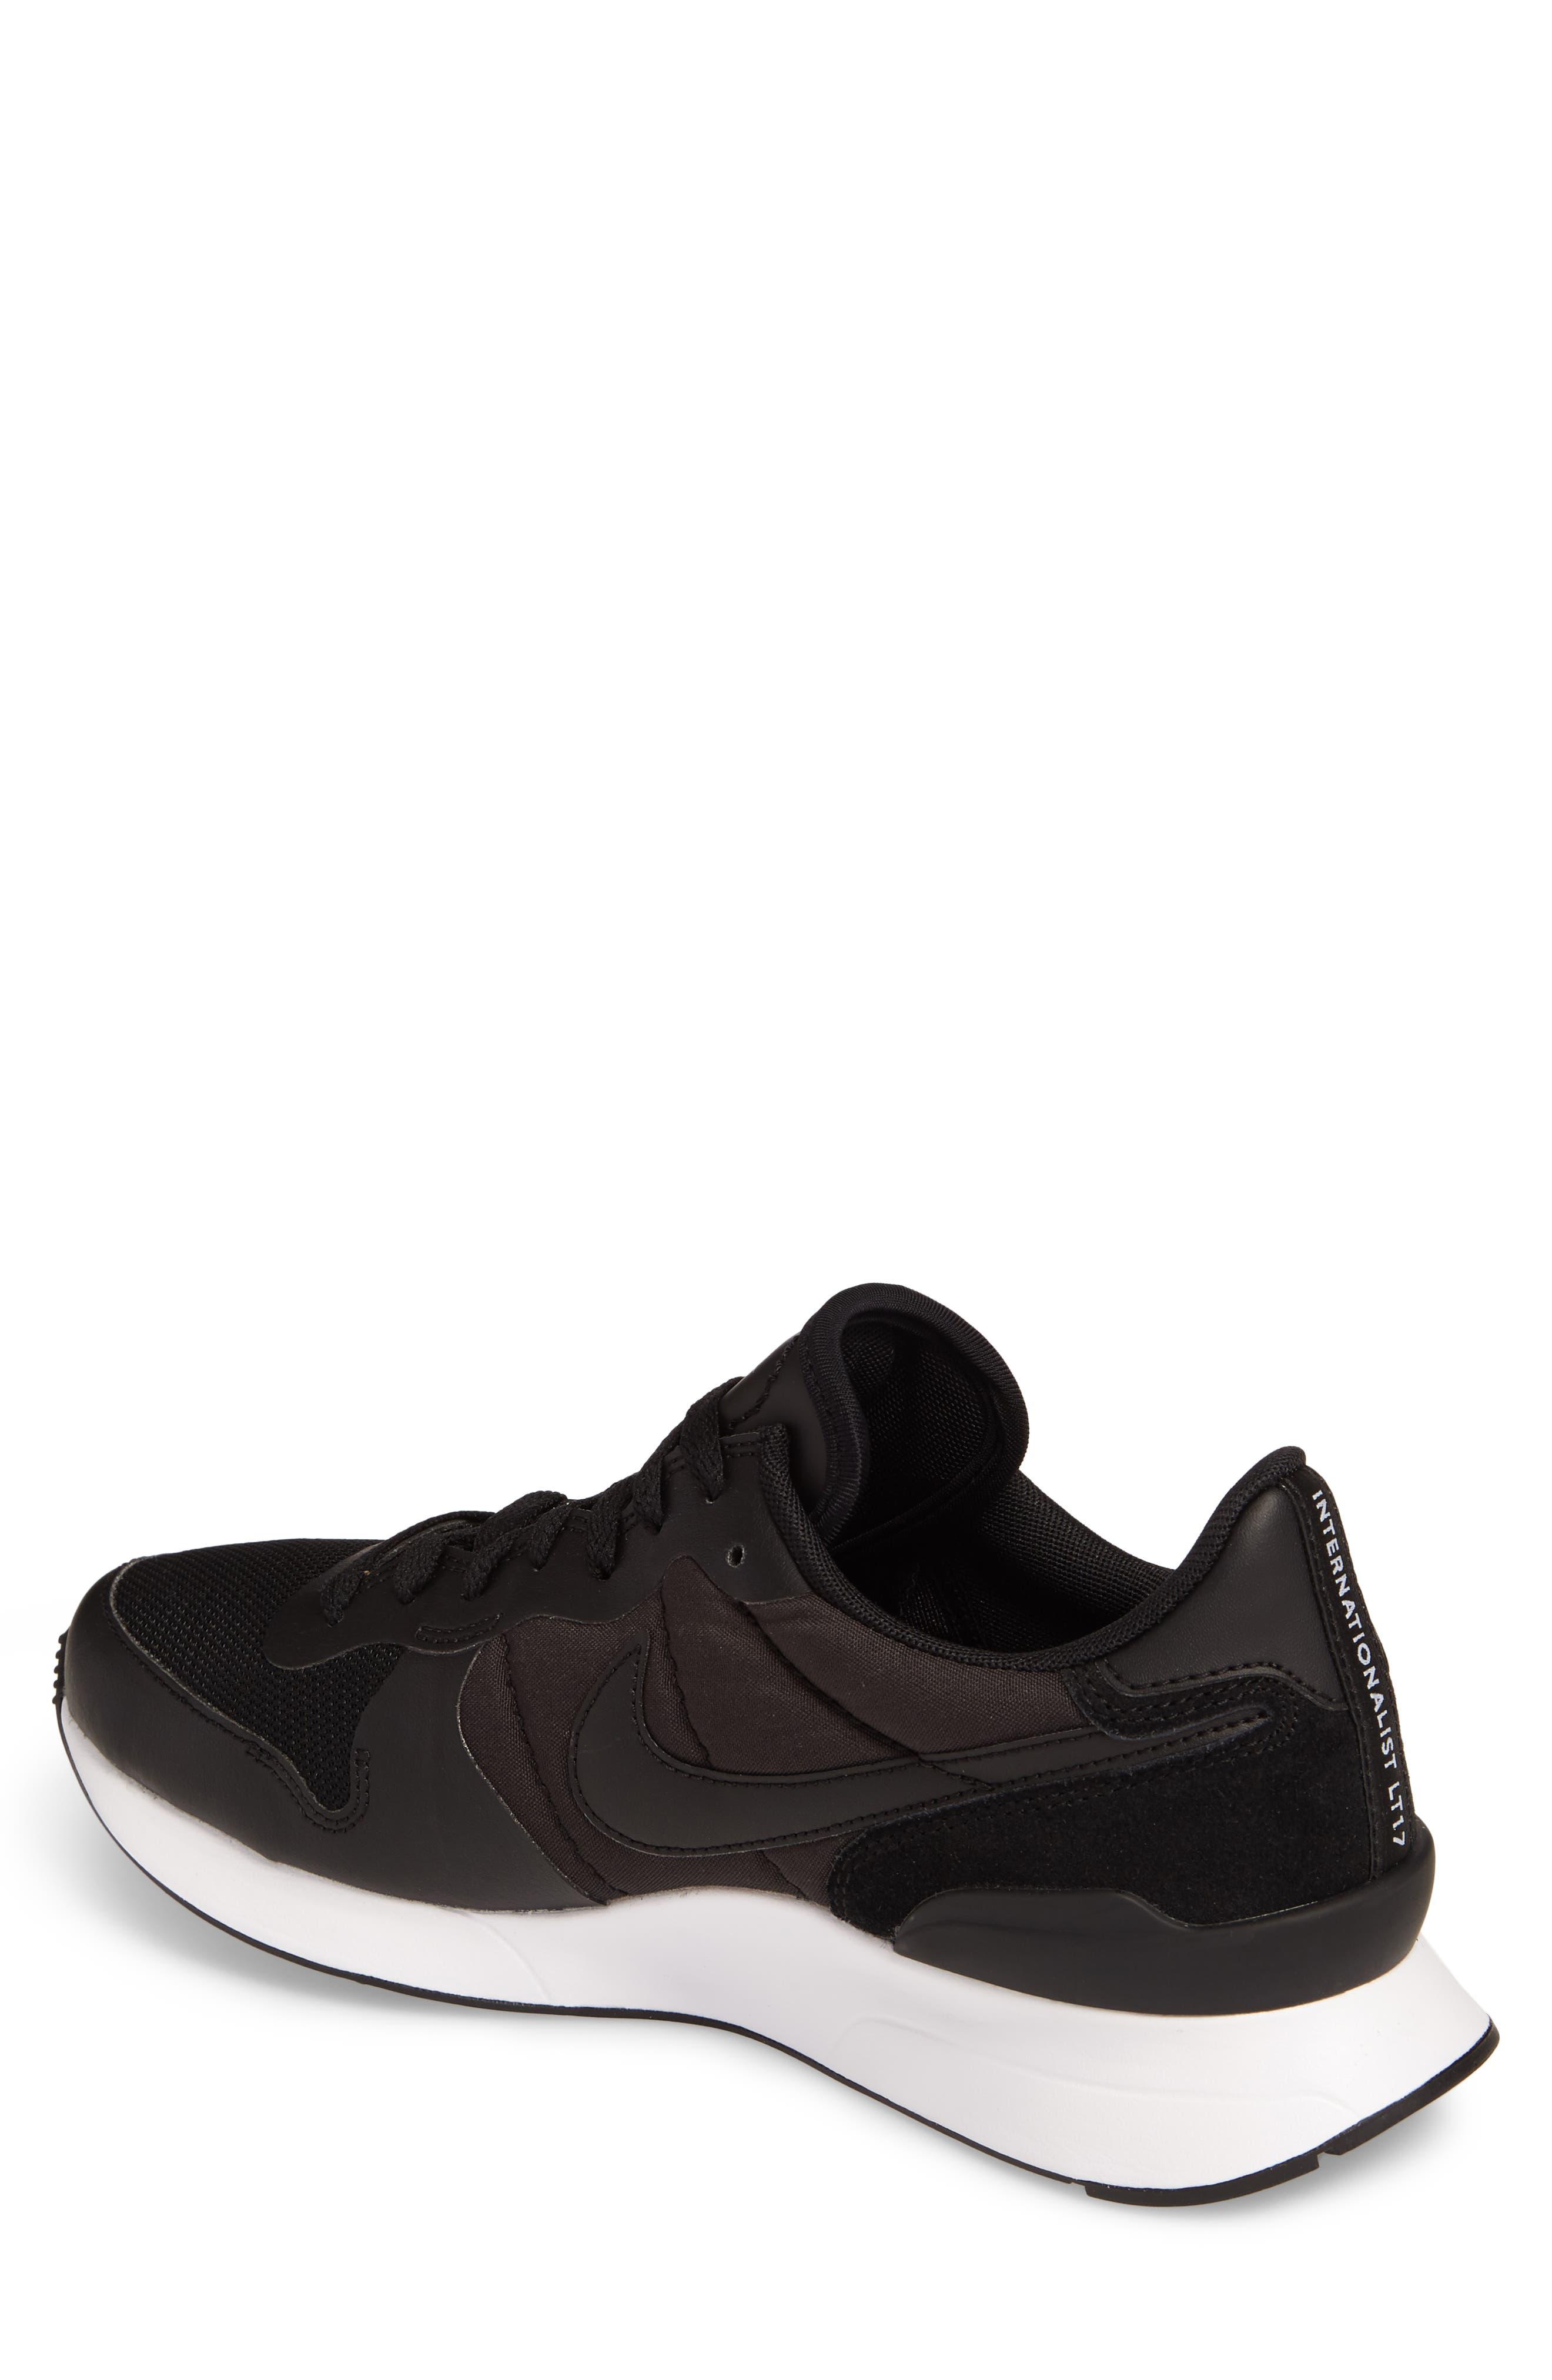 Internationalist LT17 Sneaker,                             Alternate thumbnail 2, color,                             Black/ Black/ White